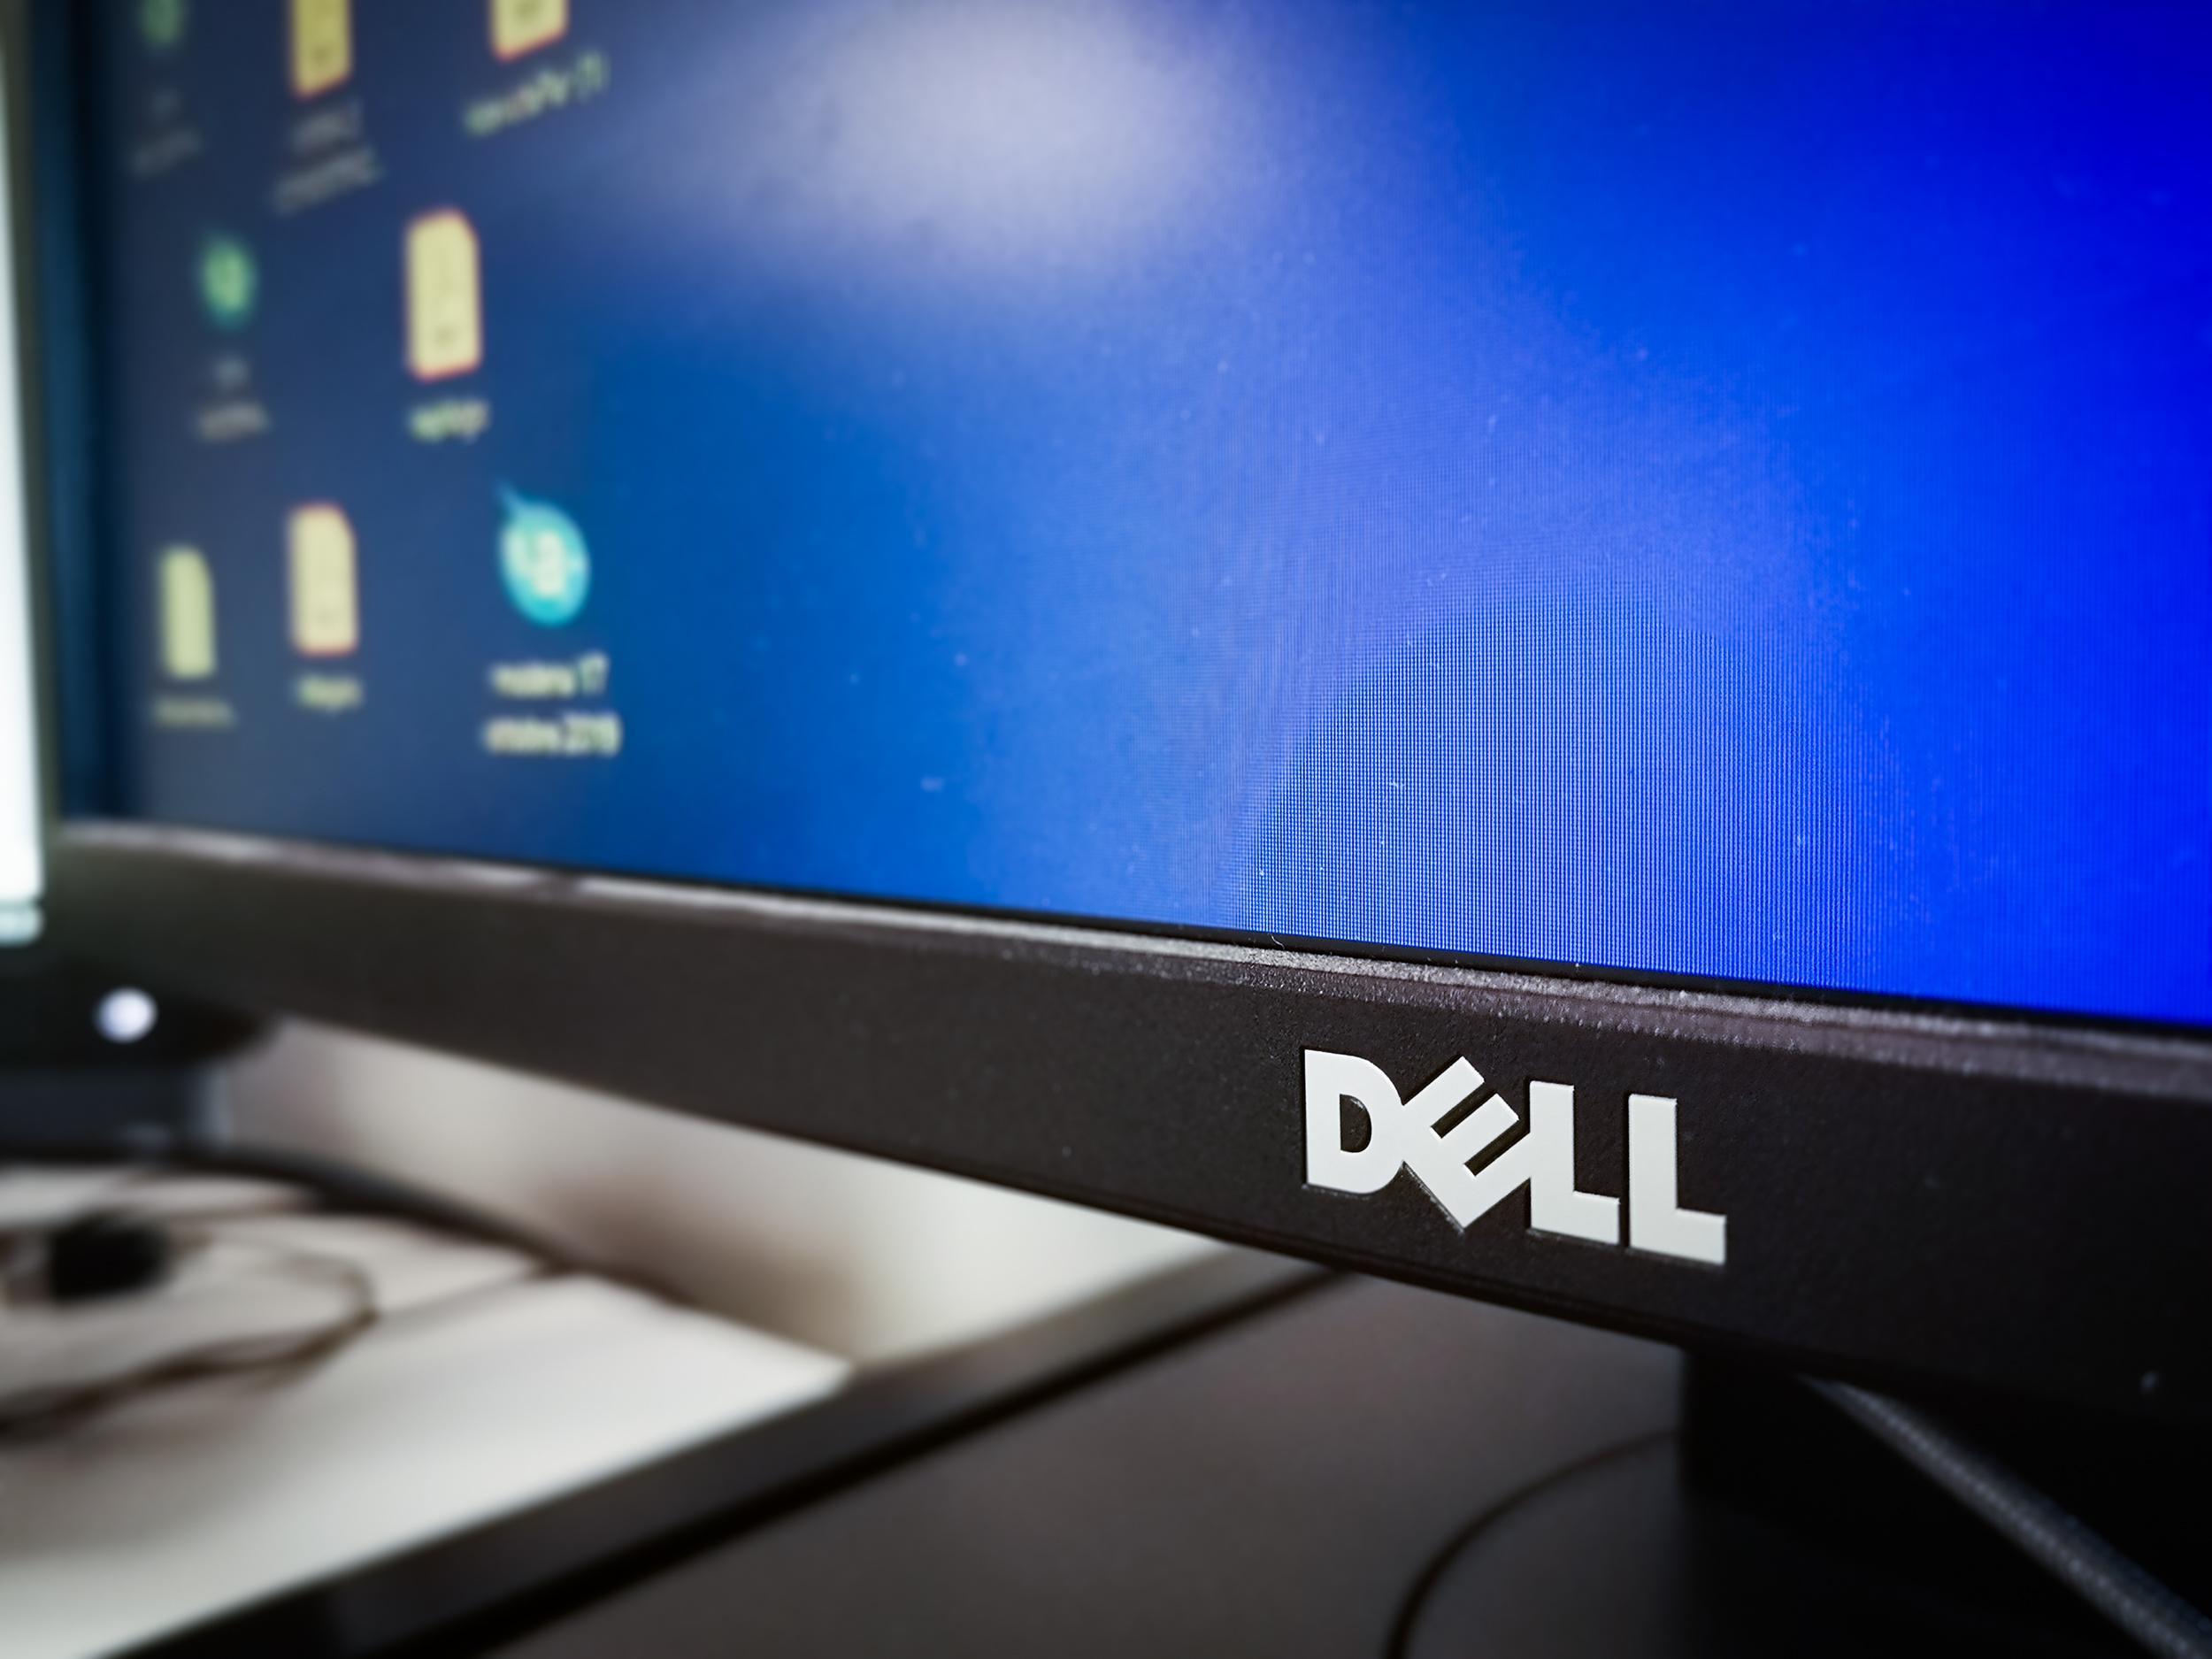 uploads///Dell earnings